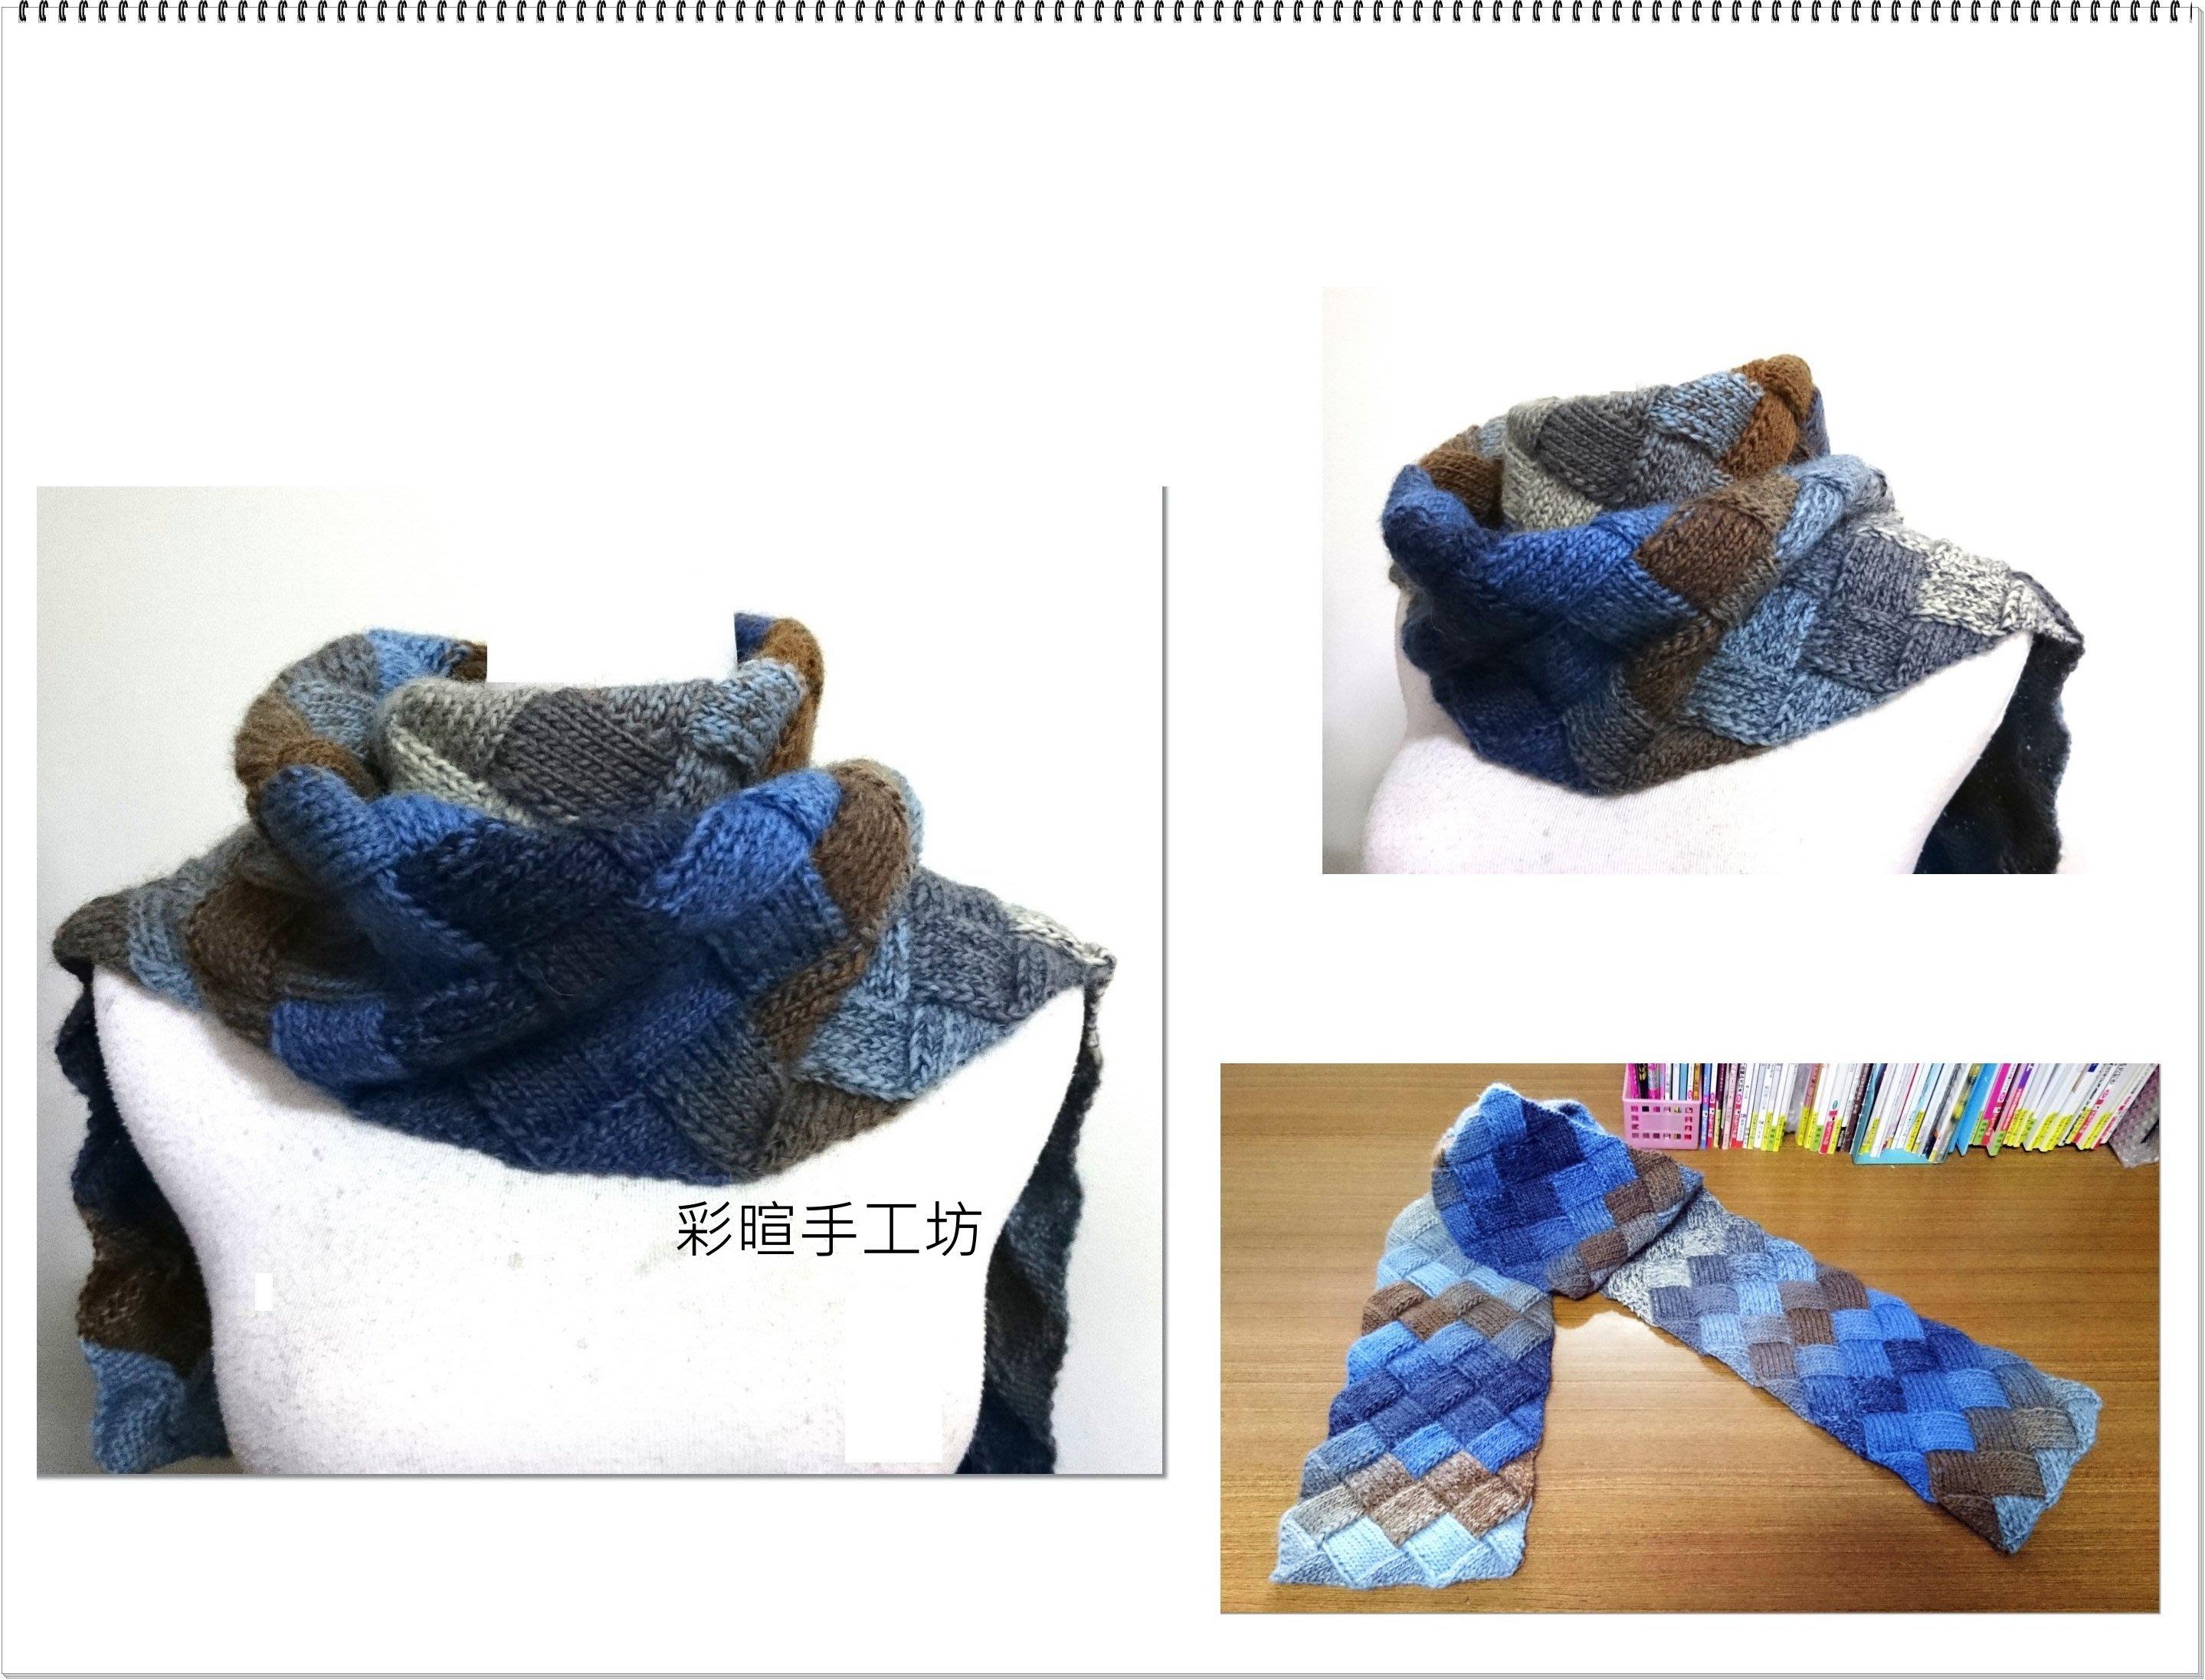 毛線編織~格紋圍巾、帽子、披肩製作教學!手工藝材料、編織工具、進口毛線、編織書【彩暄手工坊】